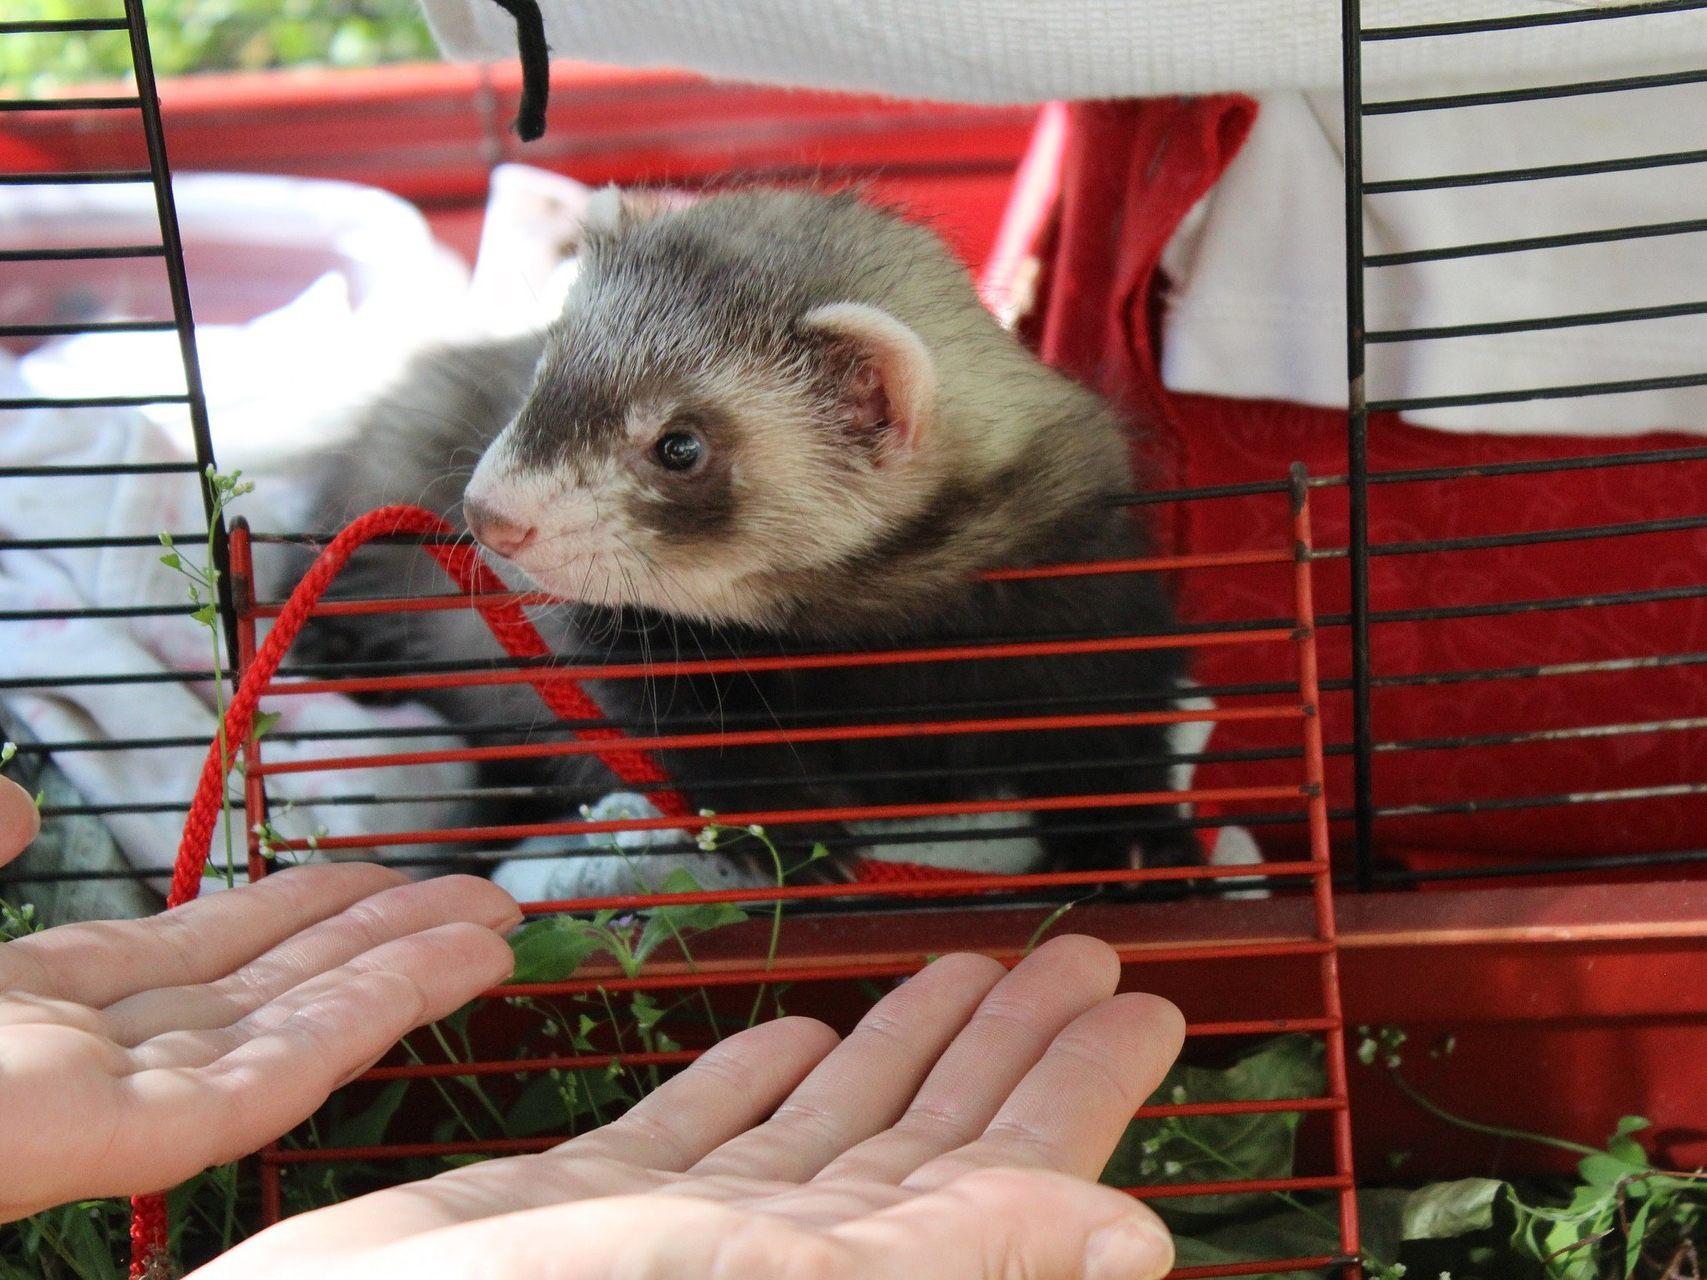 Frettchen Als Haustiere Bei Wienern Beliebt Aber Nicht Pflegeleicht Tiere National Vienna At